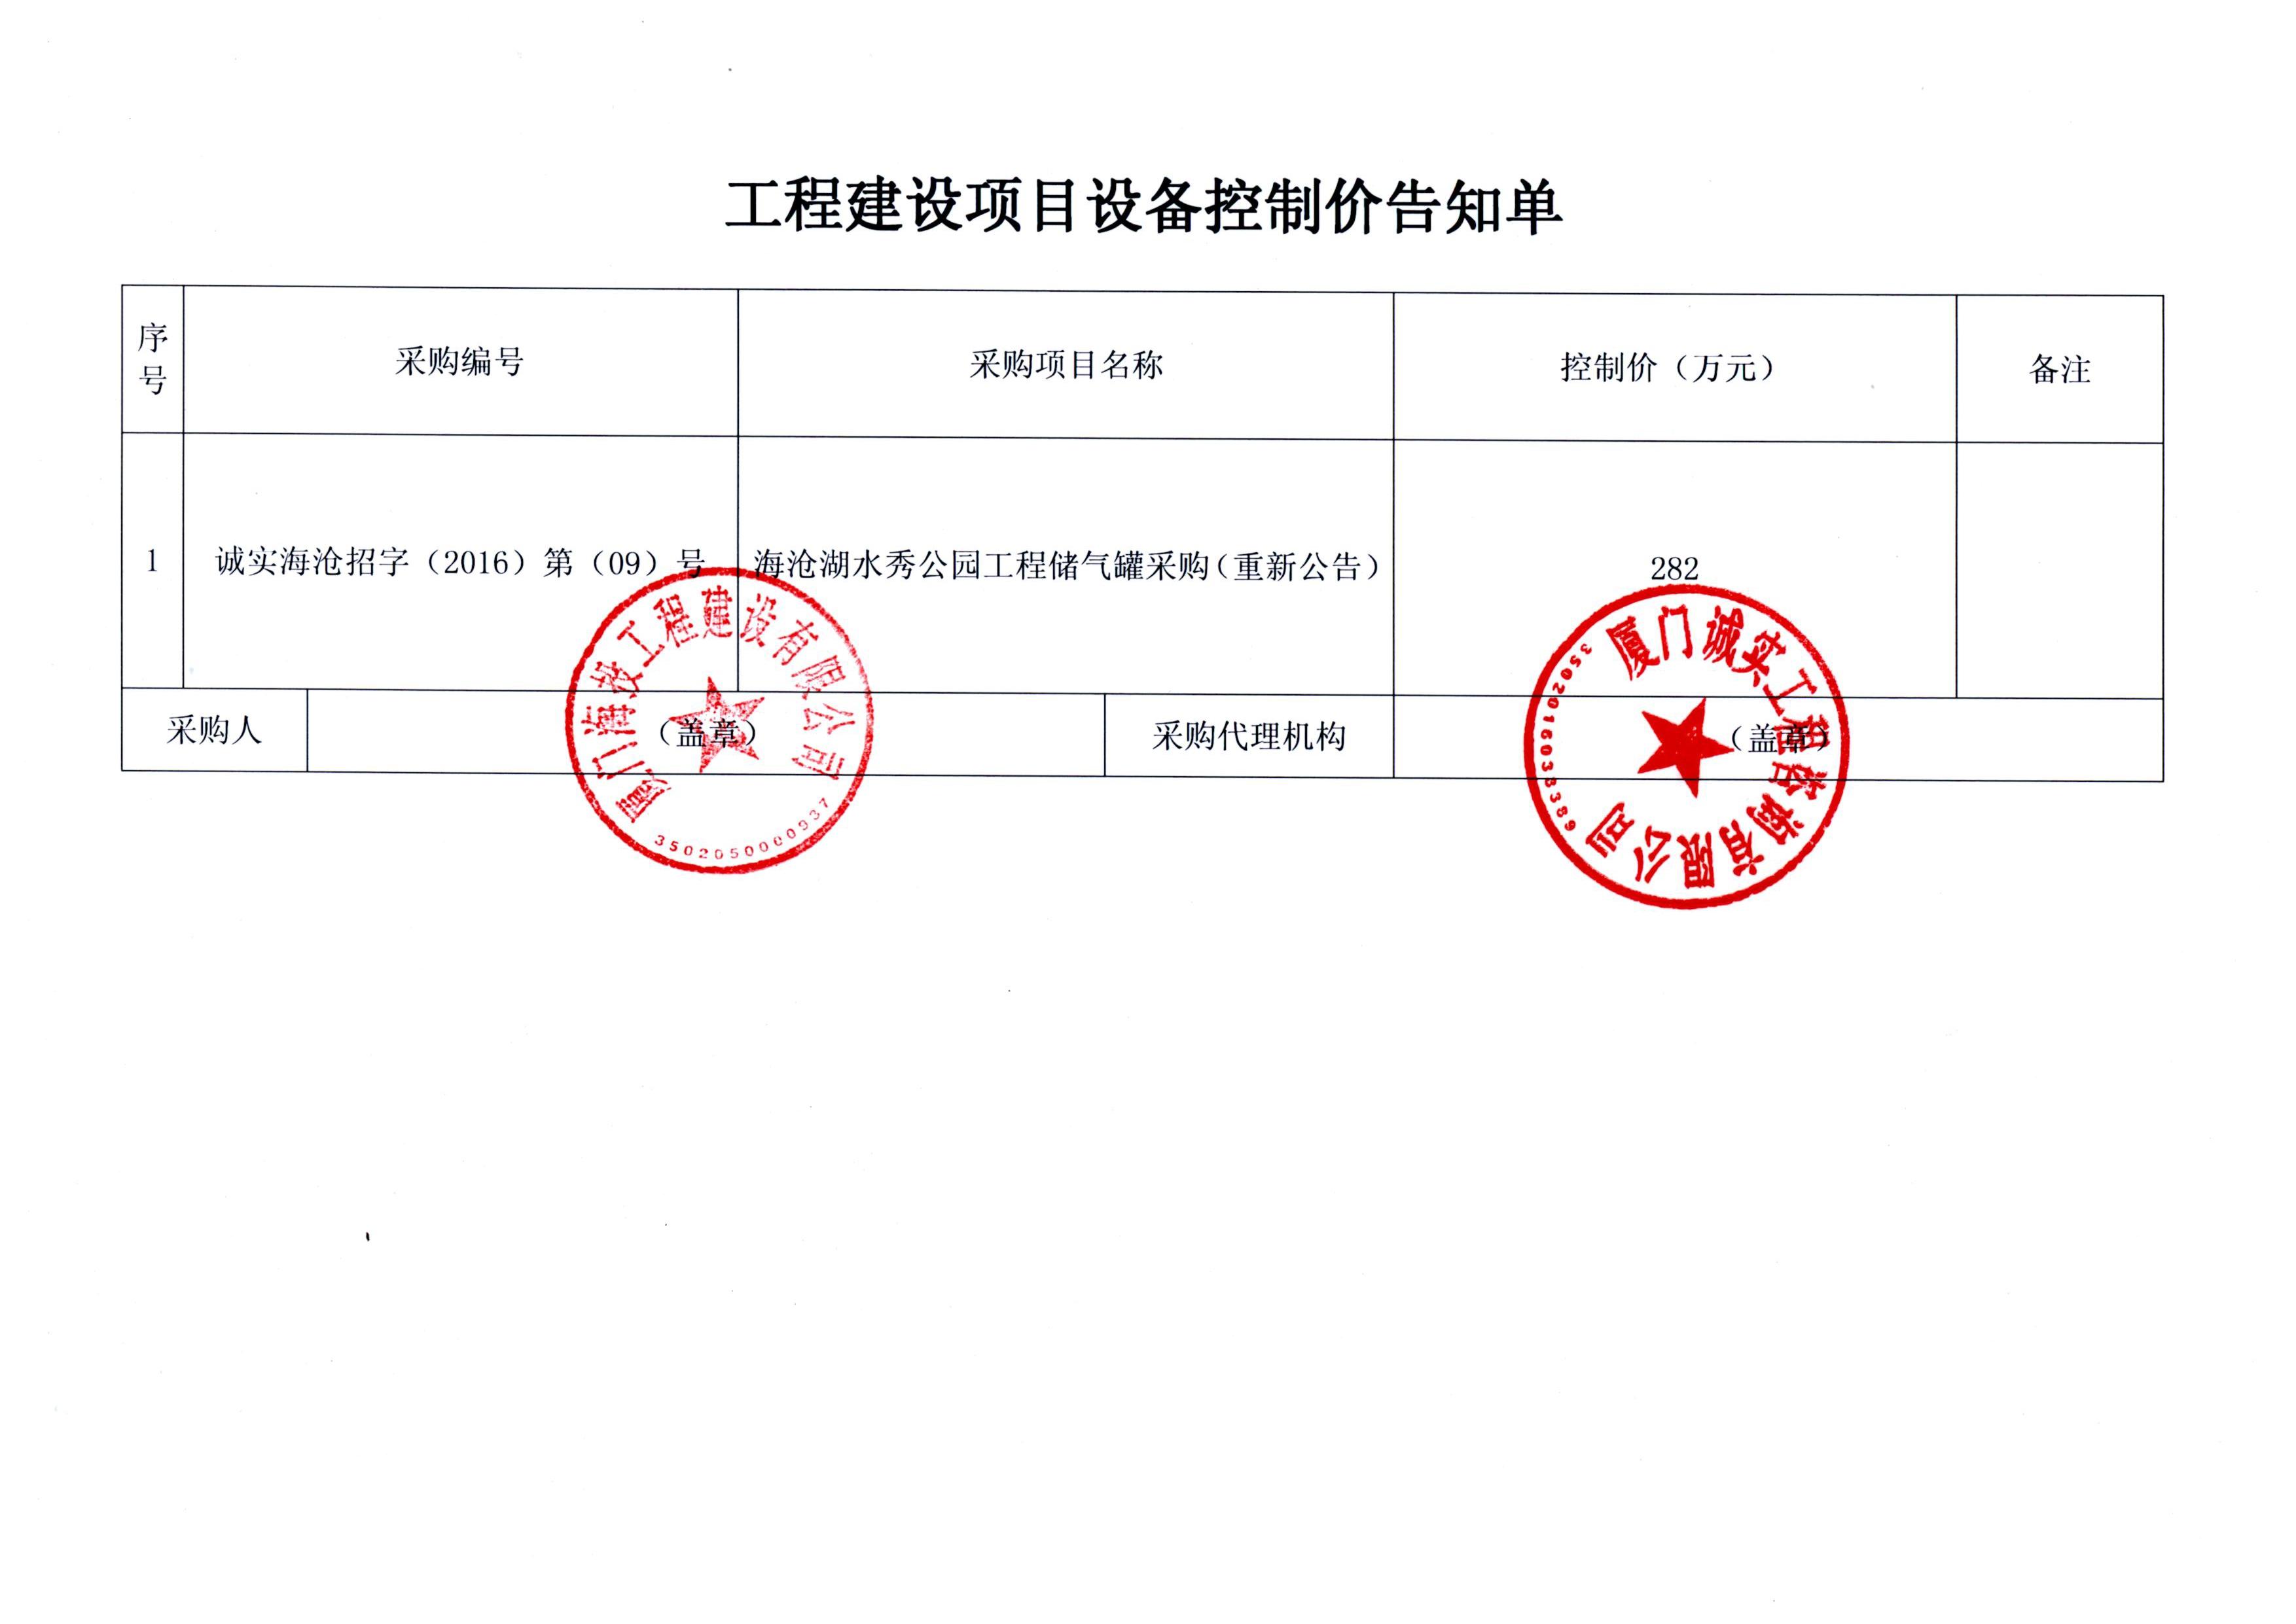 3、海沧湖水秀公园工程储气罐采购控制价(重新公告).jpg